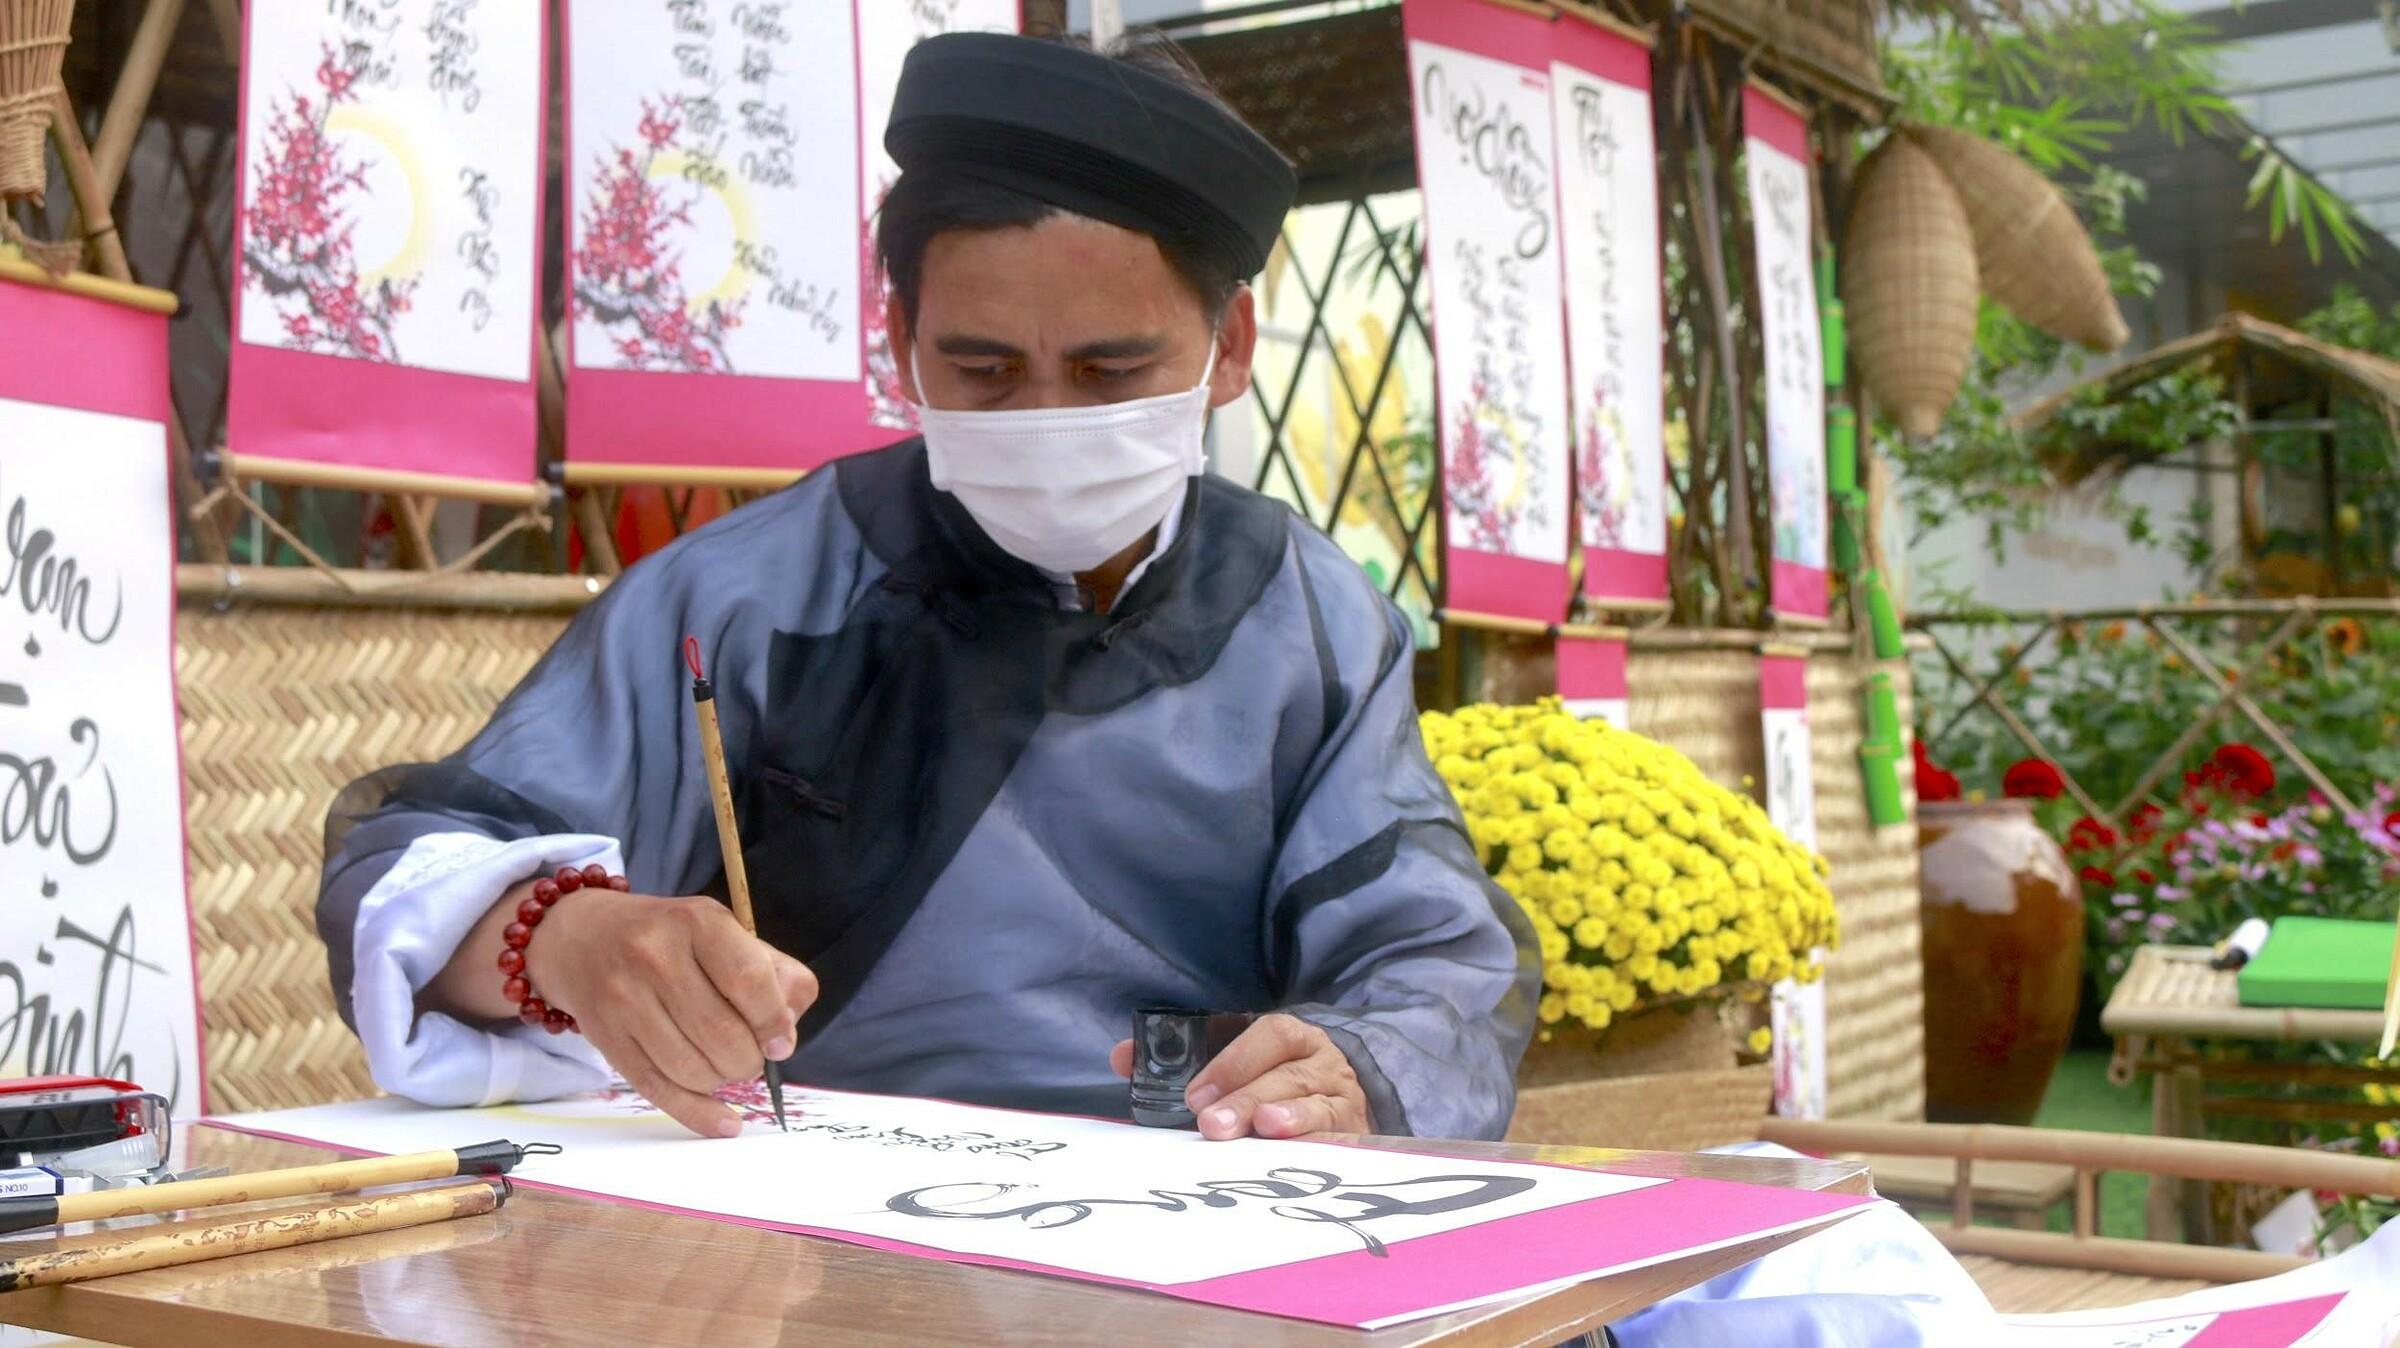 Hoạt động ông đồ cho chữ cũng là điểm nhấn của đường hoa. Nhiều người ghé xin chữ Bình An, An Khang, An Lạc... như lời cầu mong sau một năm nhiều biến động.